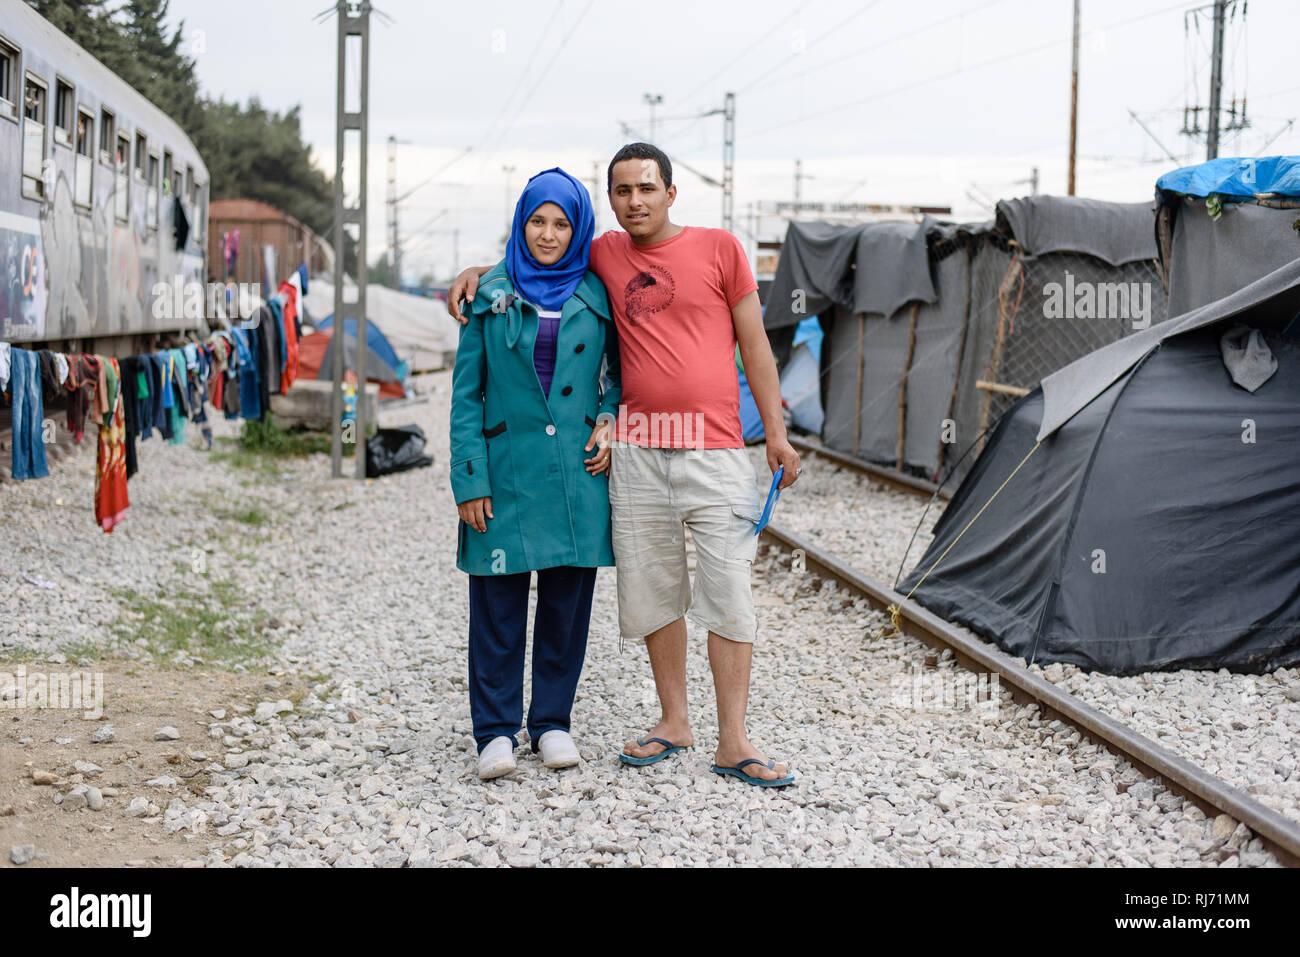 Ein junges Paar aus Syrien. Die Frau war schwanger und der Mann machte sich Sorgen und war auf der Suche nach einem Arzt. Flüchtlingscamp in Idomeni i - Stock Image